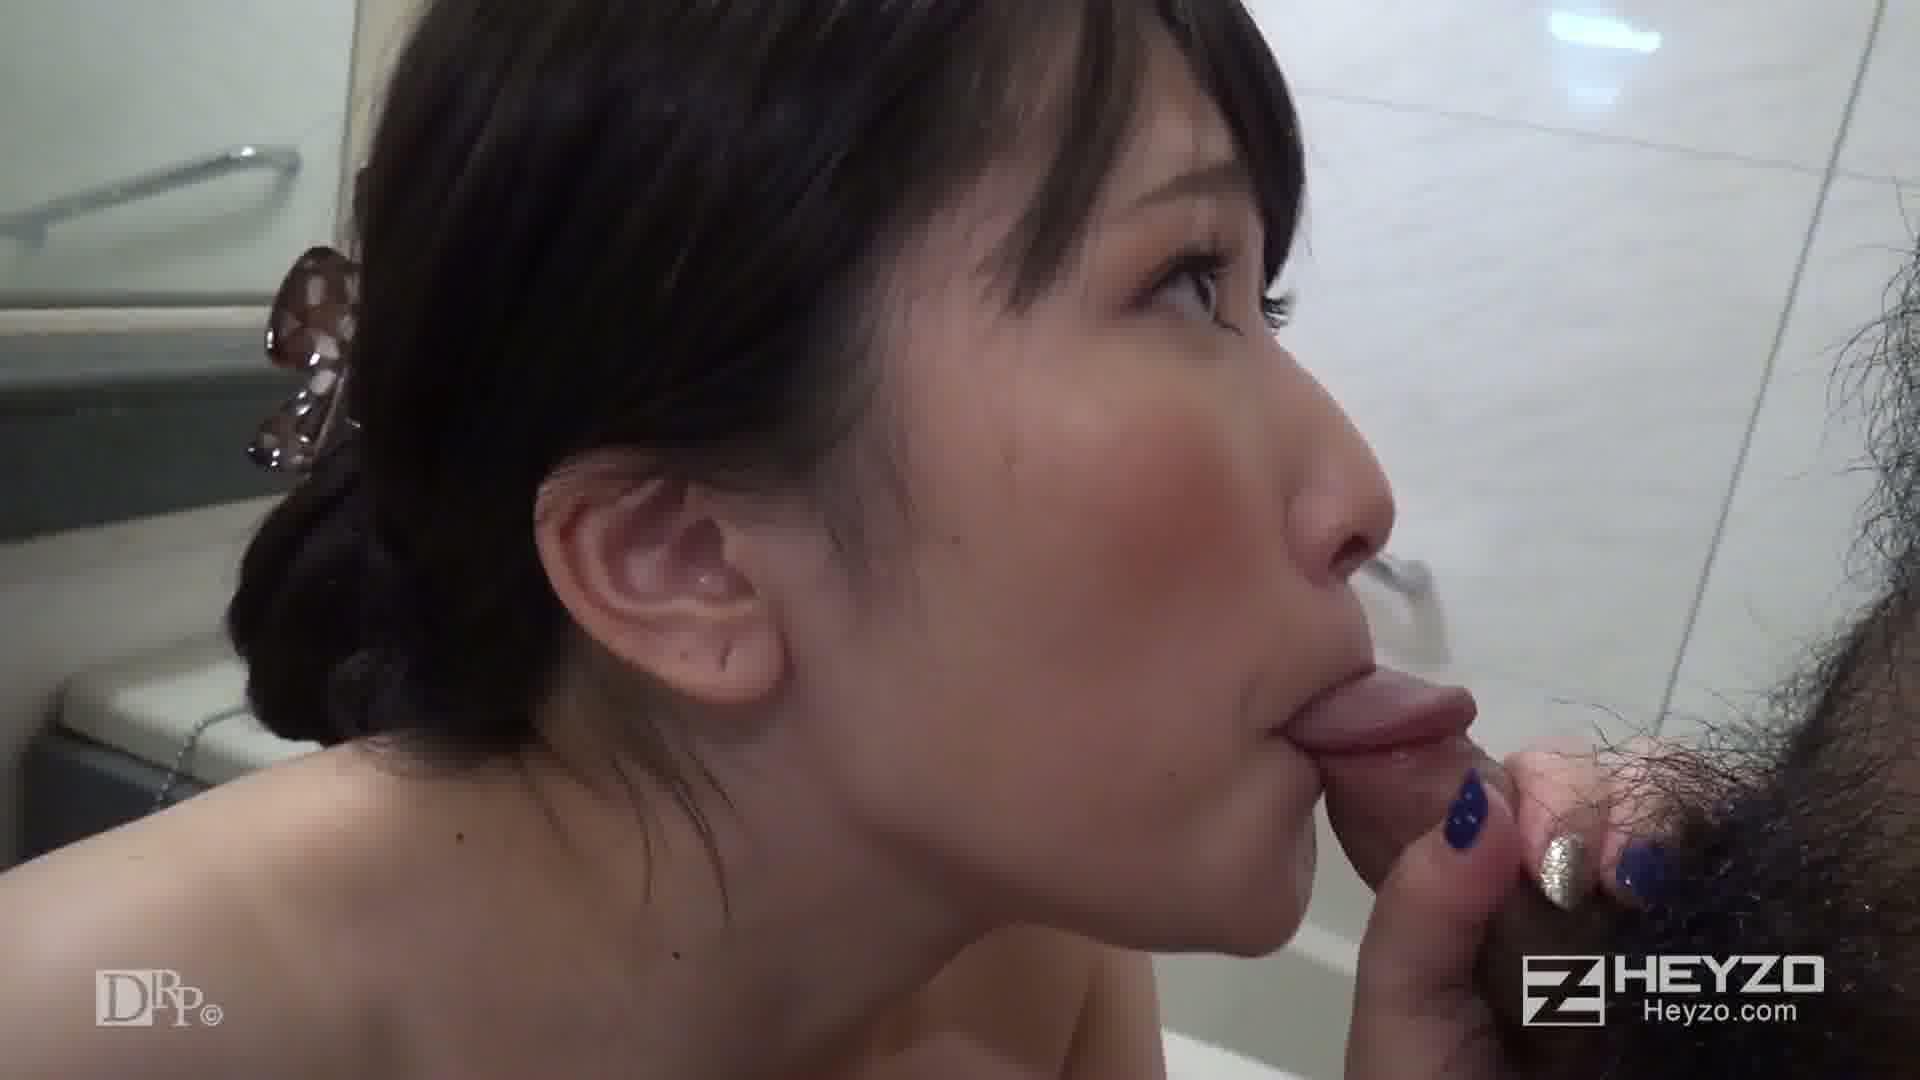 即撮影!AV面接2 後編 - 境田美波【シャワー フェラ】